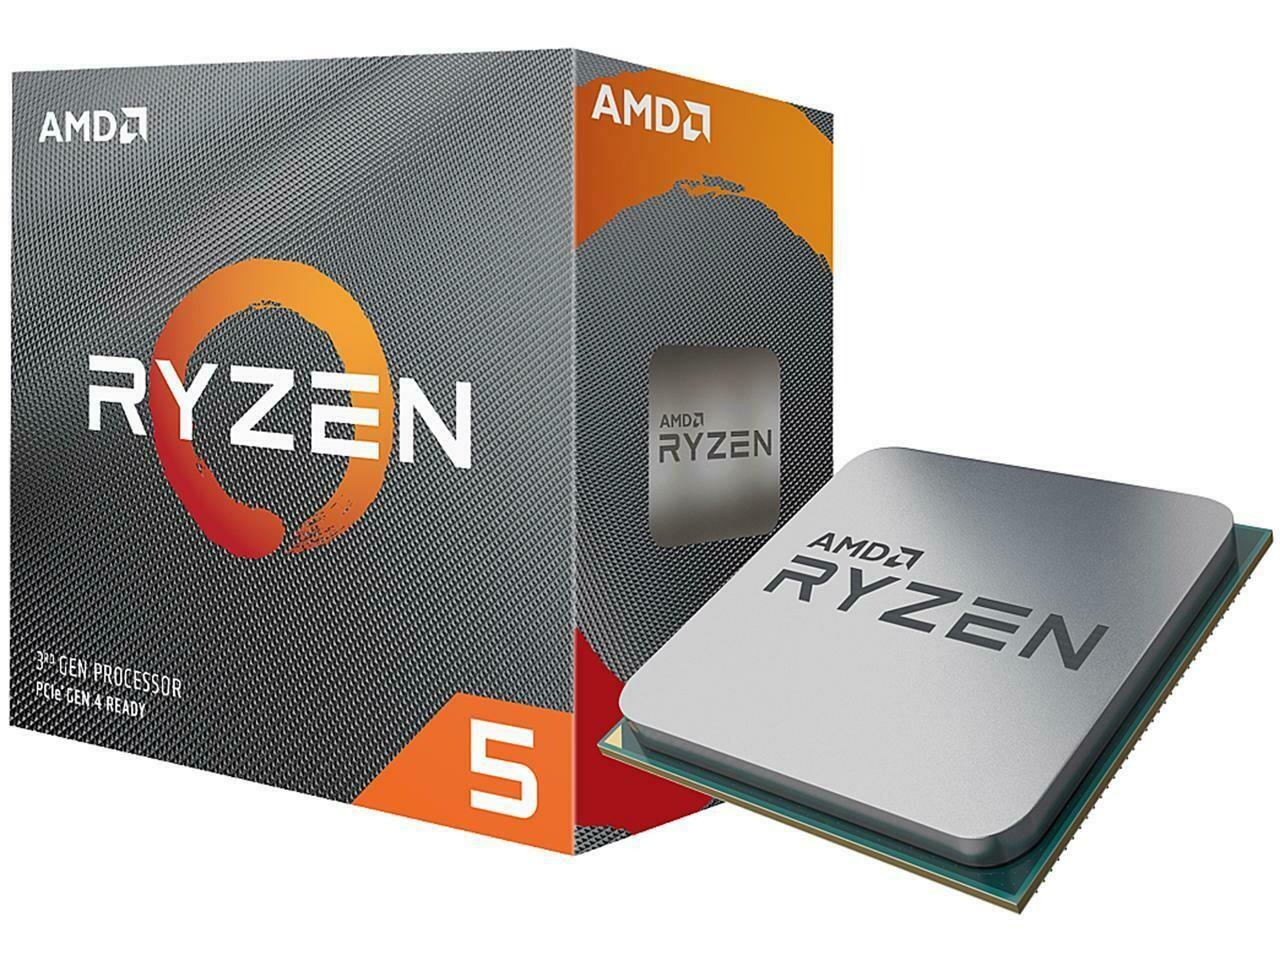 AMD RYZEN 5 3600 6-Core 3.6 GHz (4.2 GHz Max Boost) Socket AM4 65W Desktop Processor